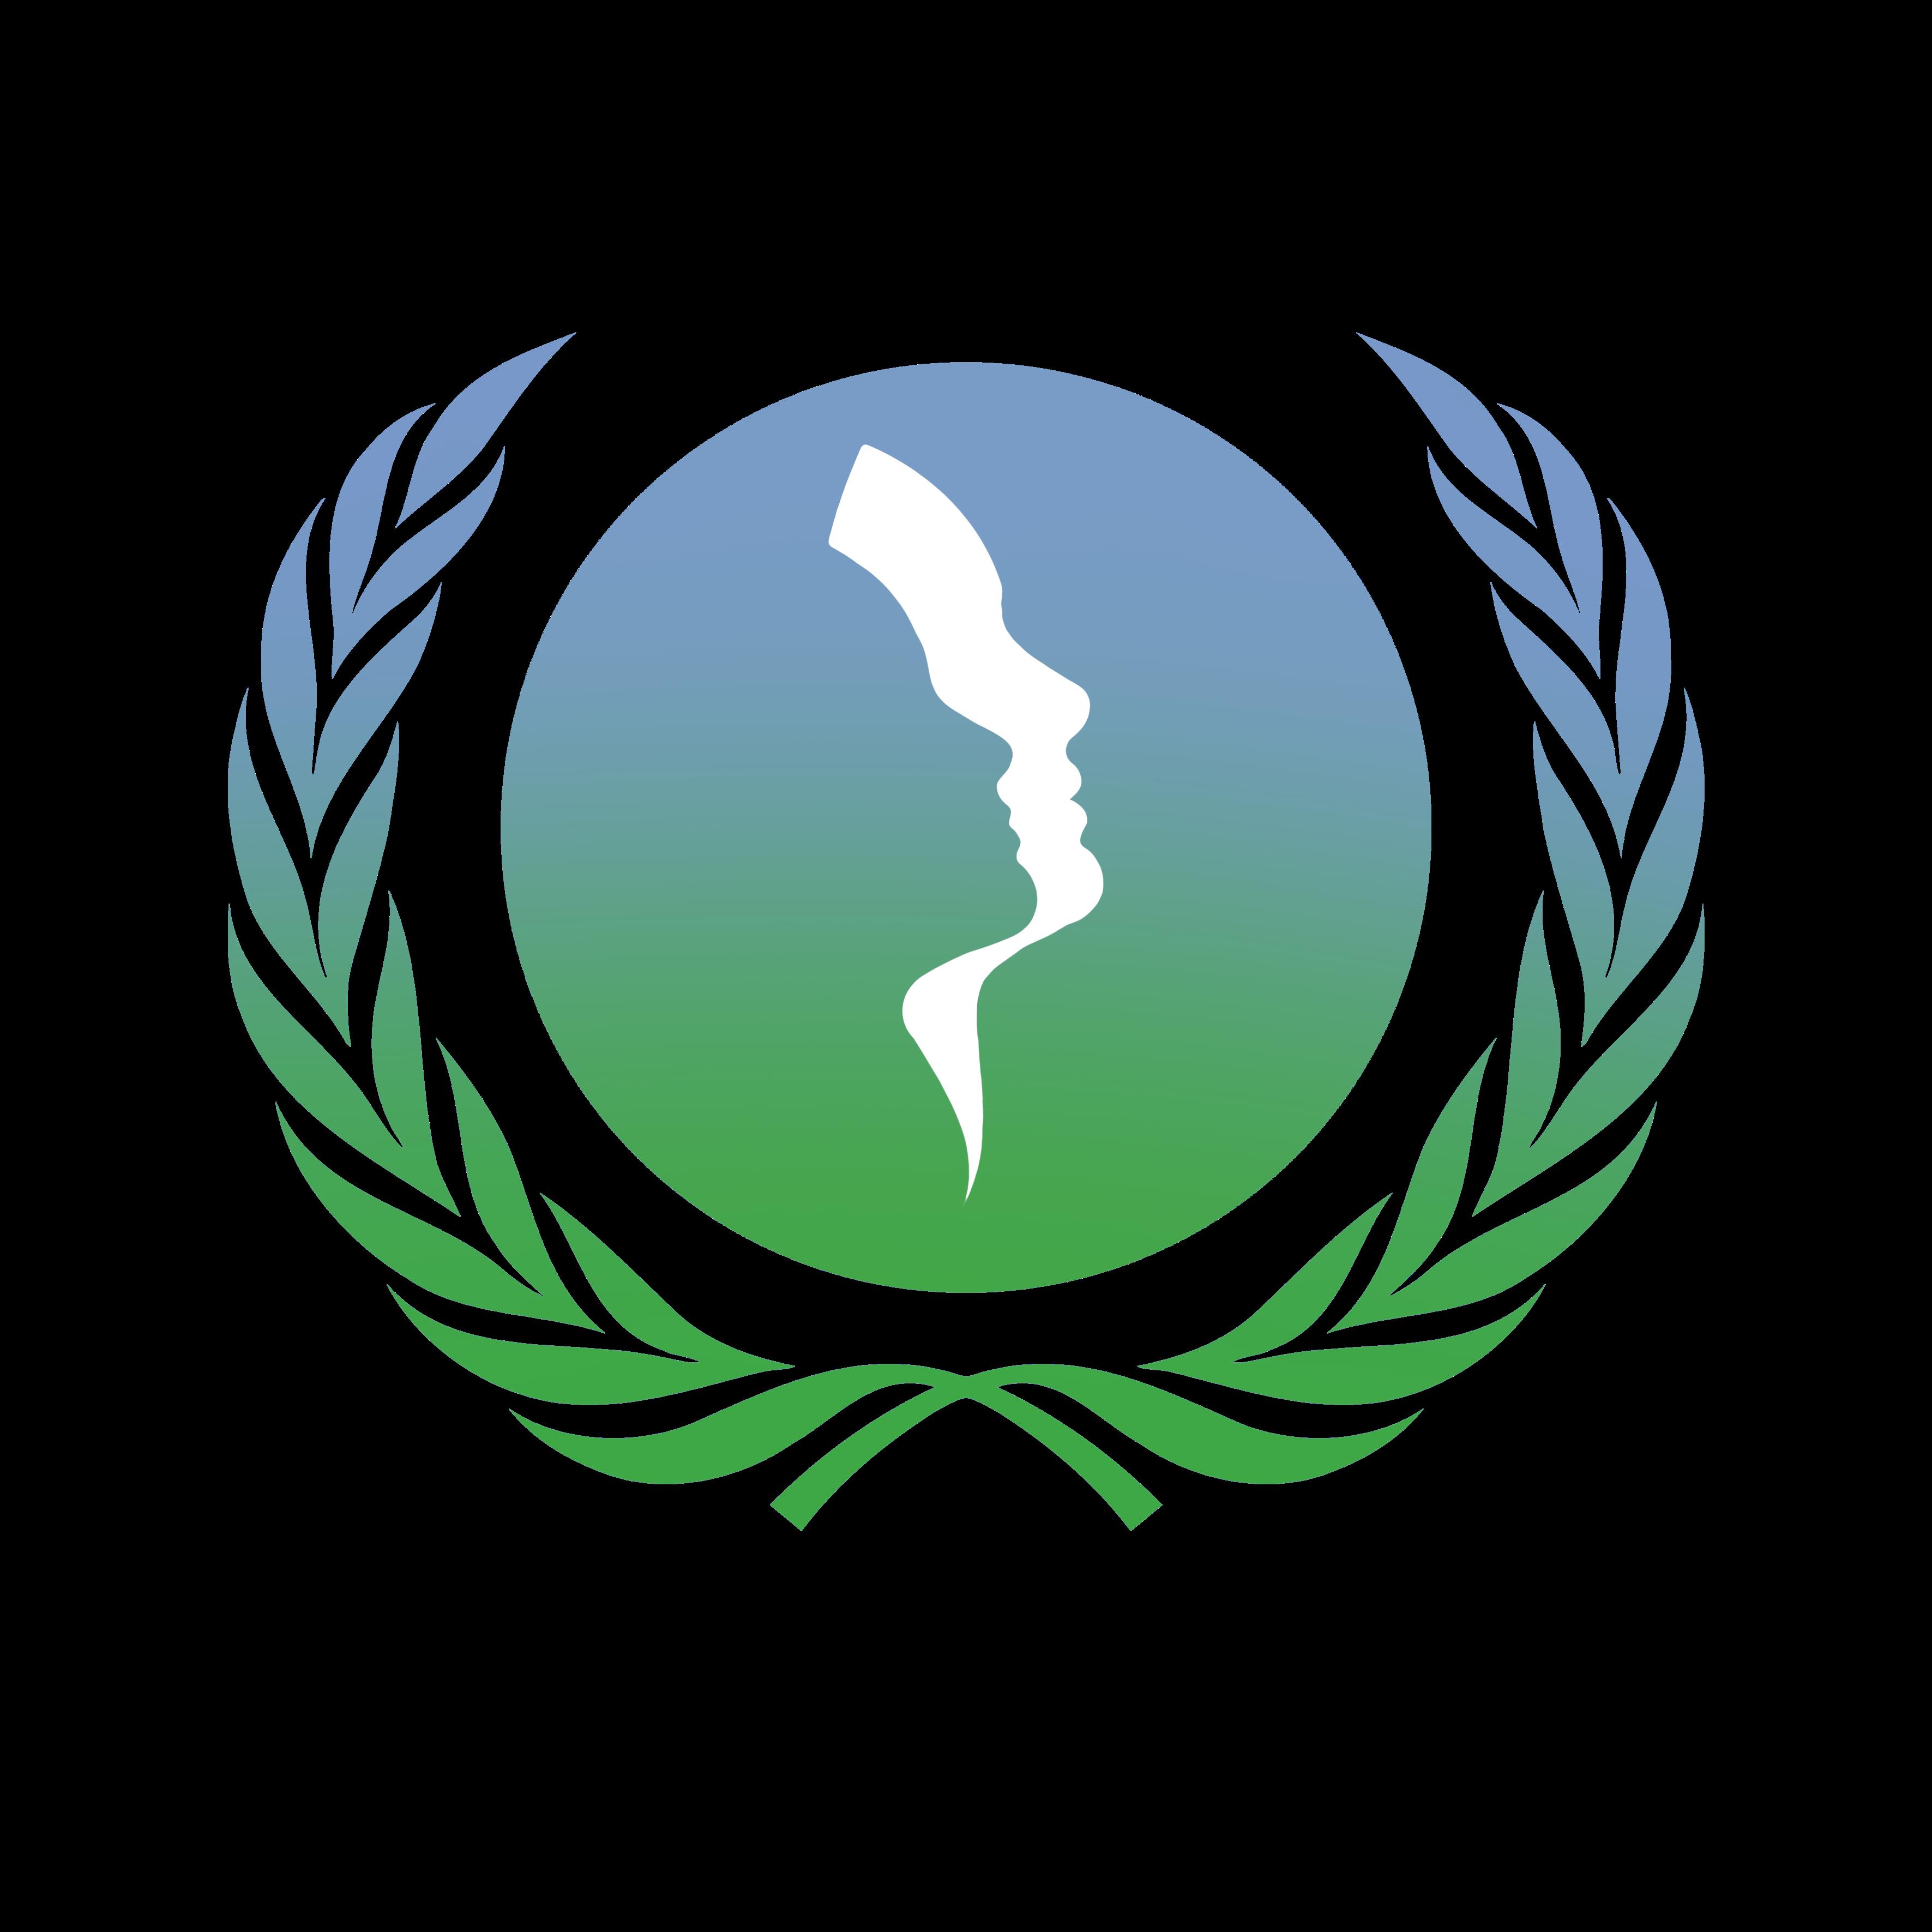 Association - Association des amis de la Déclaration Universelle des Droits de l'Humanité